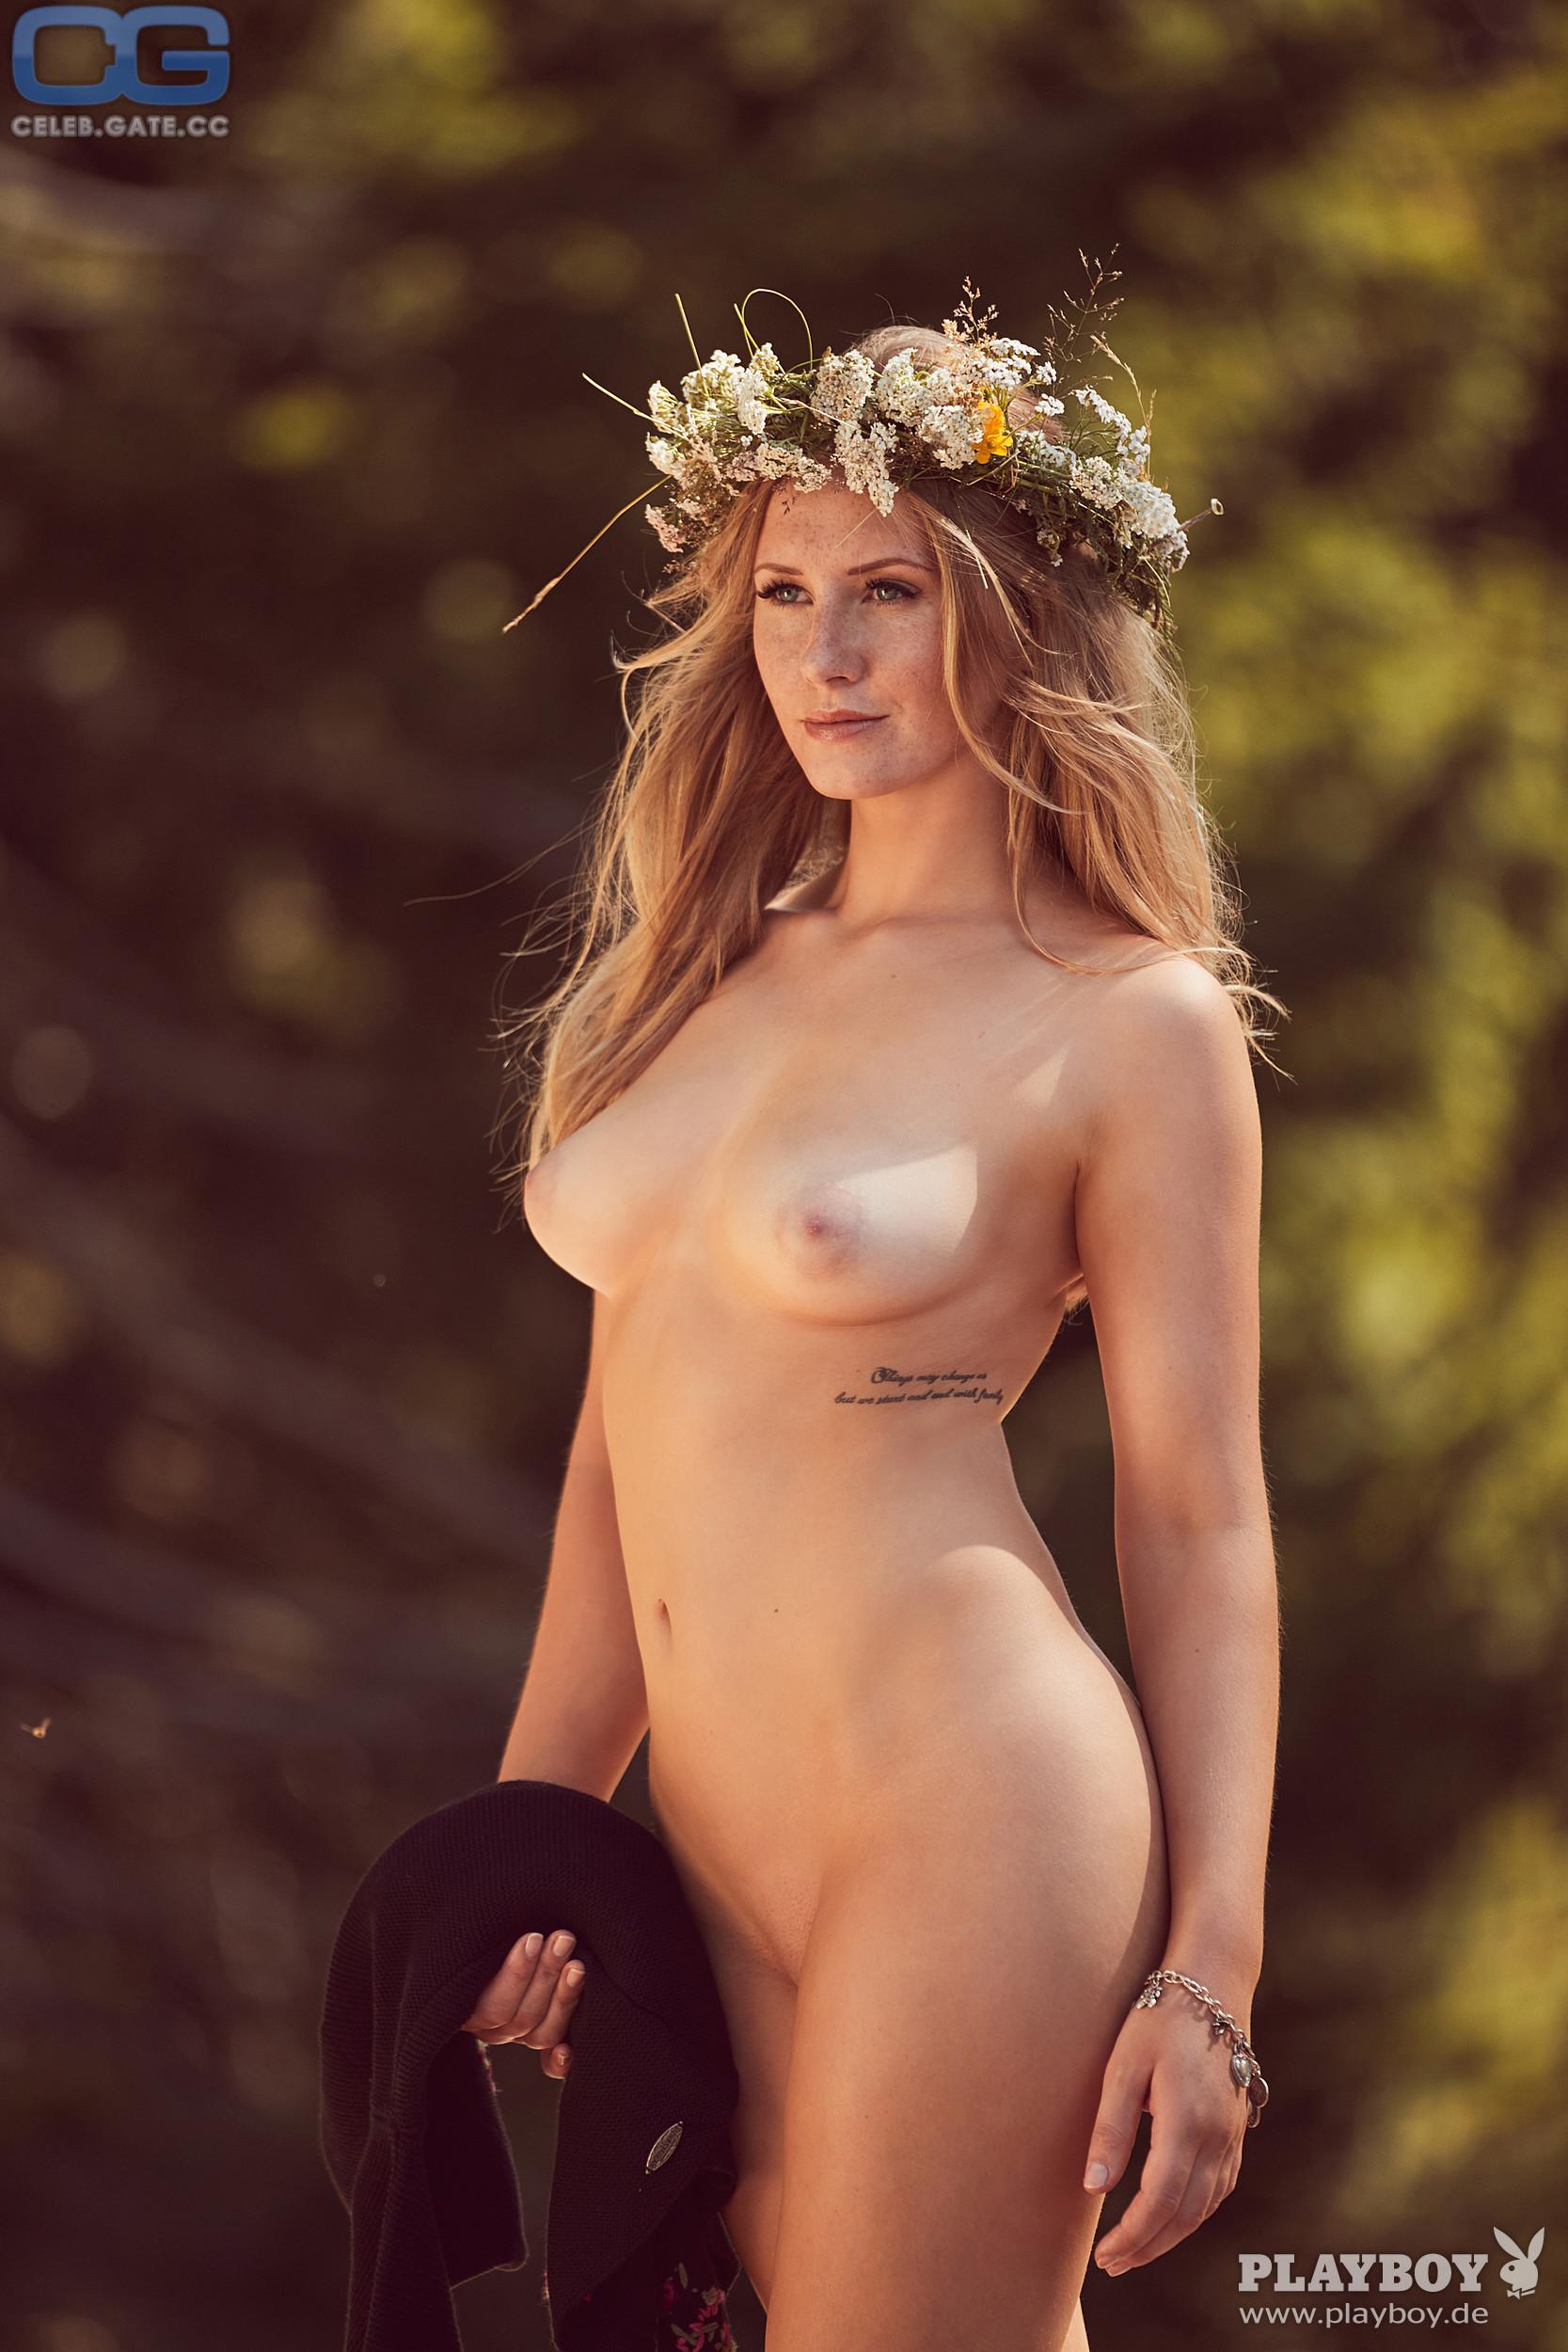 Dinkel nackt playboy patrizia [Playboy Plus]